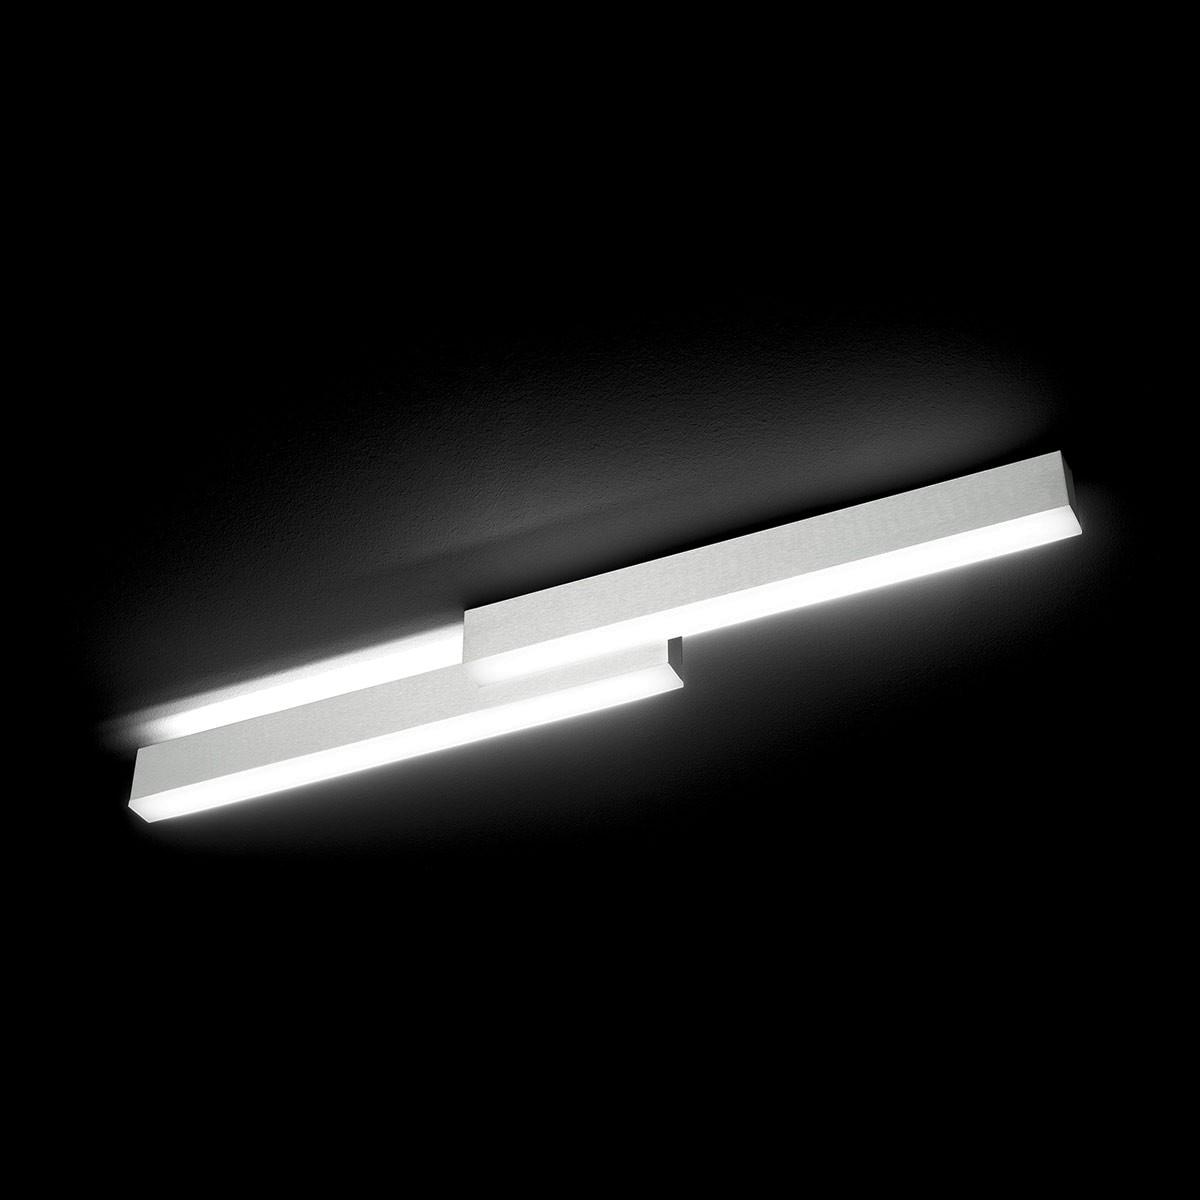 Grossmann Zon LED Wand- / Deckenleuchte, Länge: 79 cm, Aluminium gebürstet